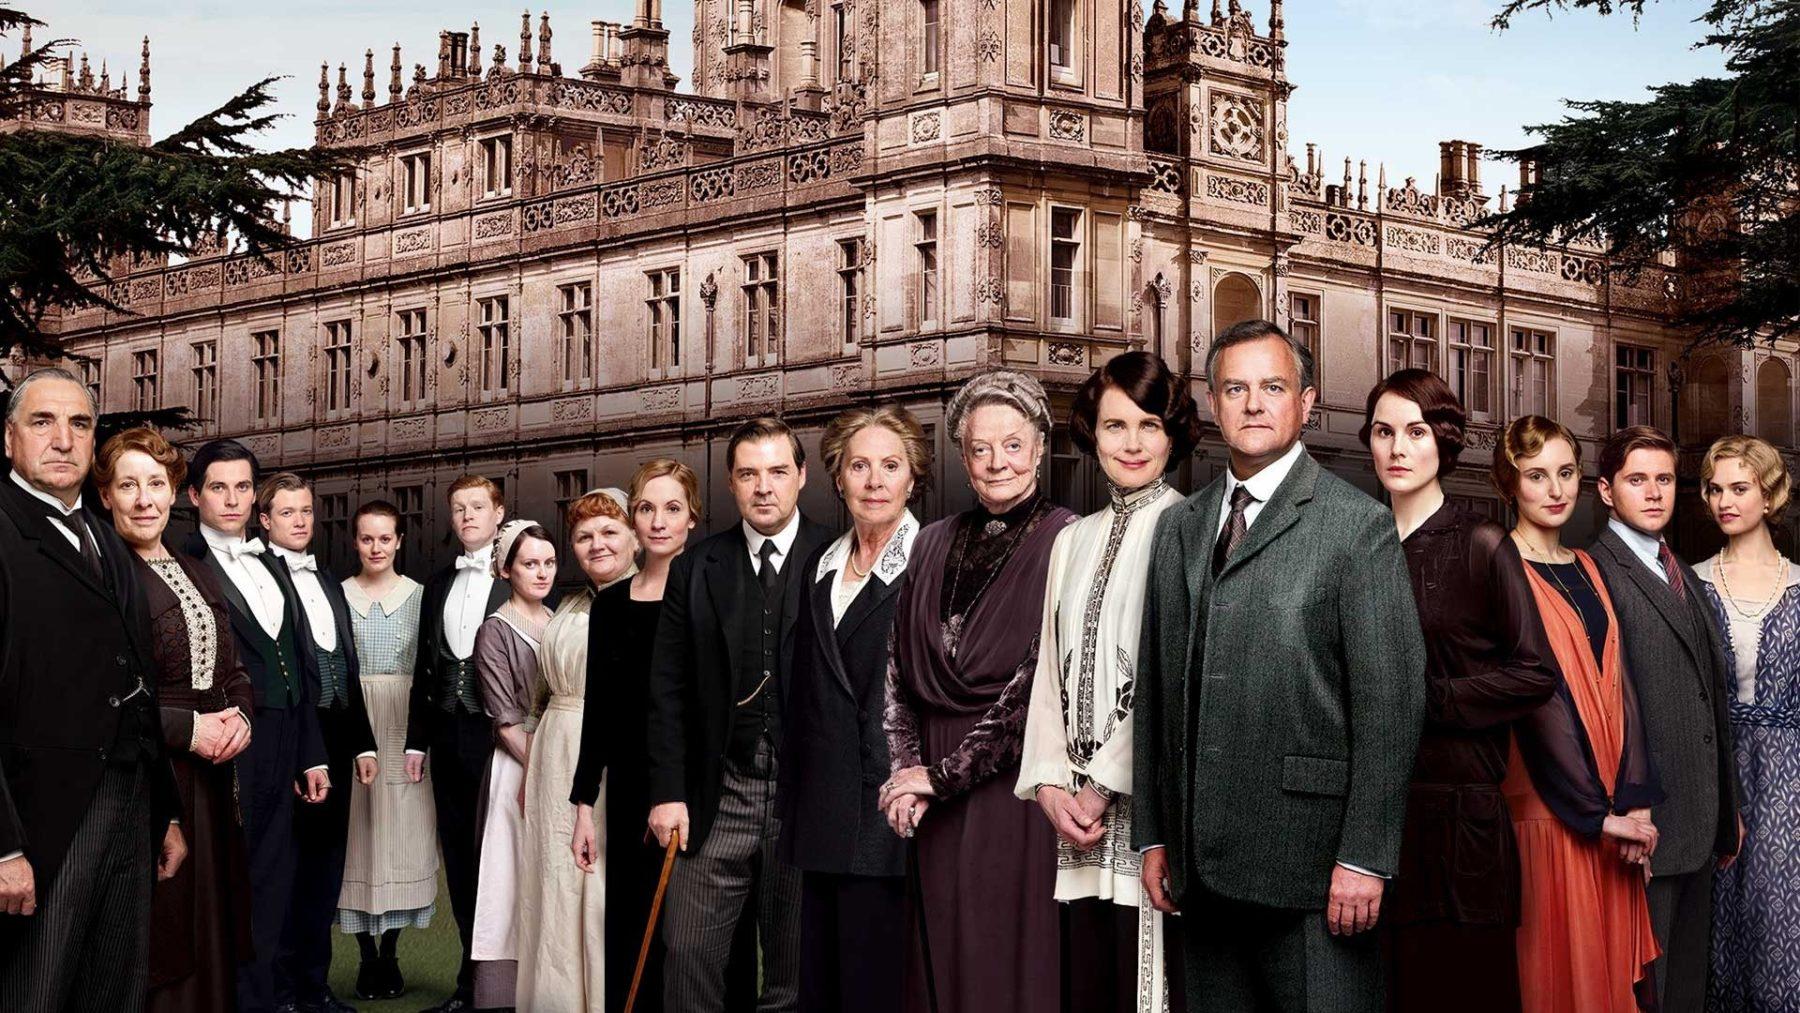 La película Downton Abbey comienza la producción, el elenco original regresa